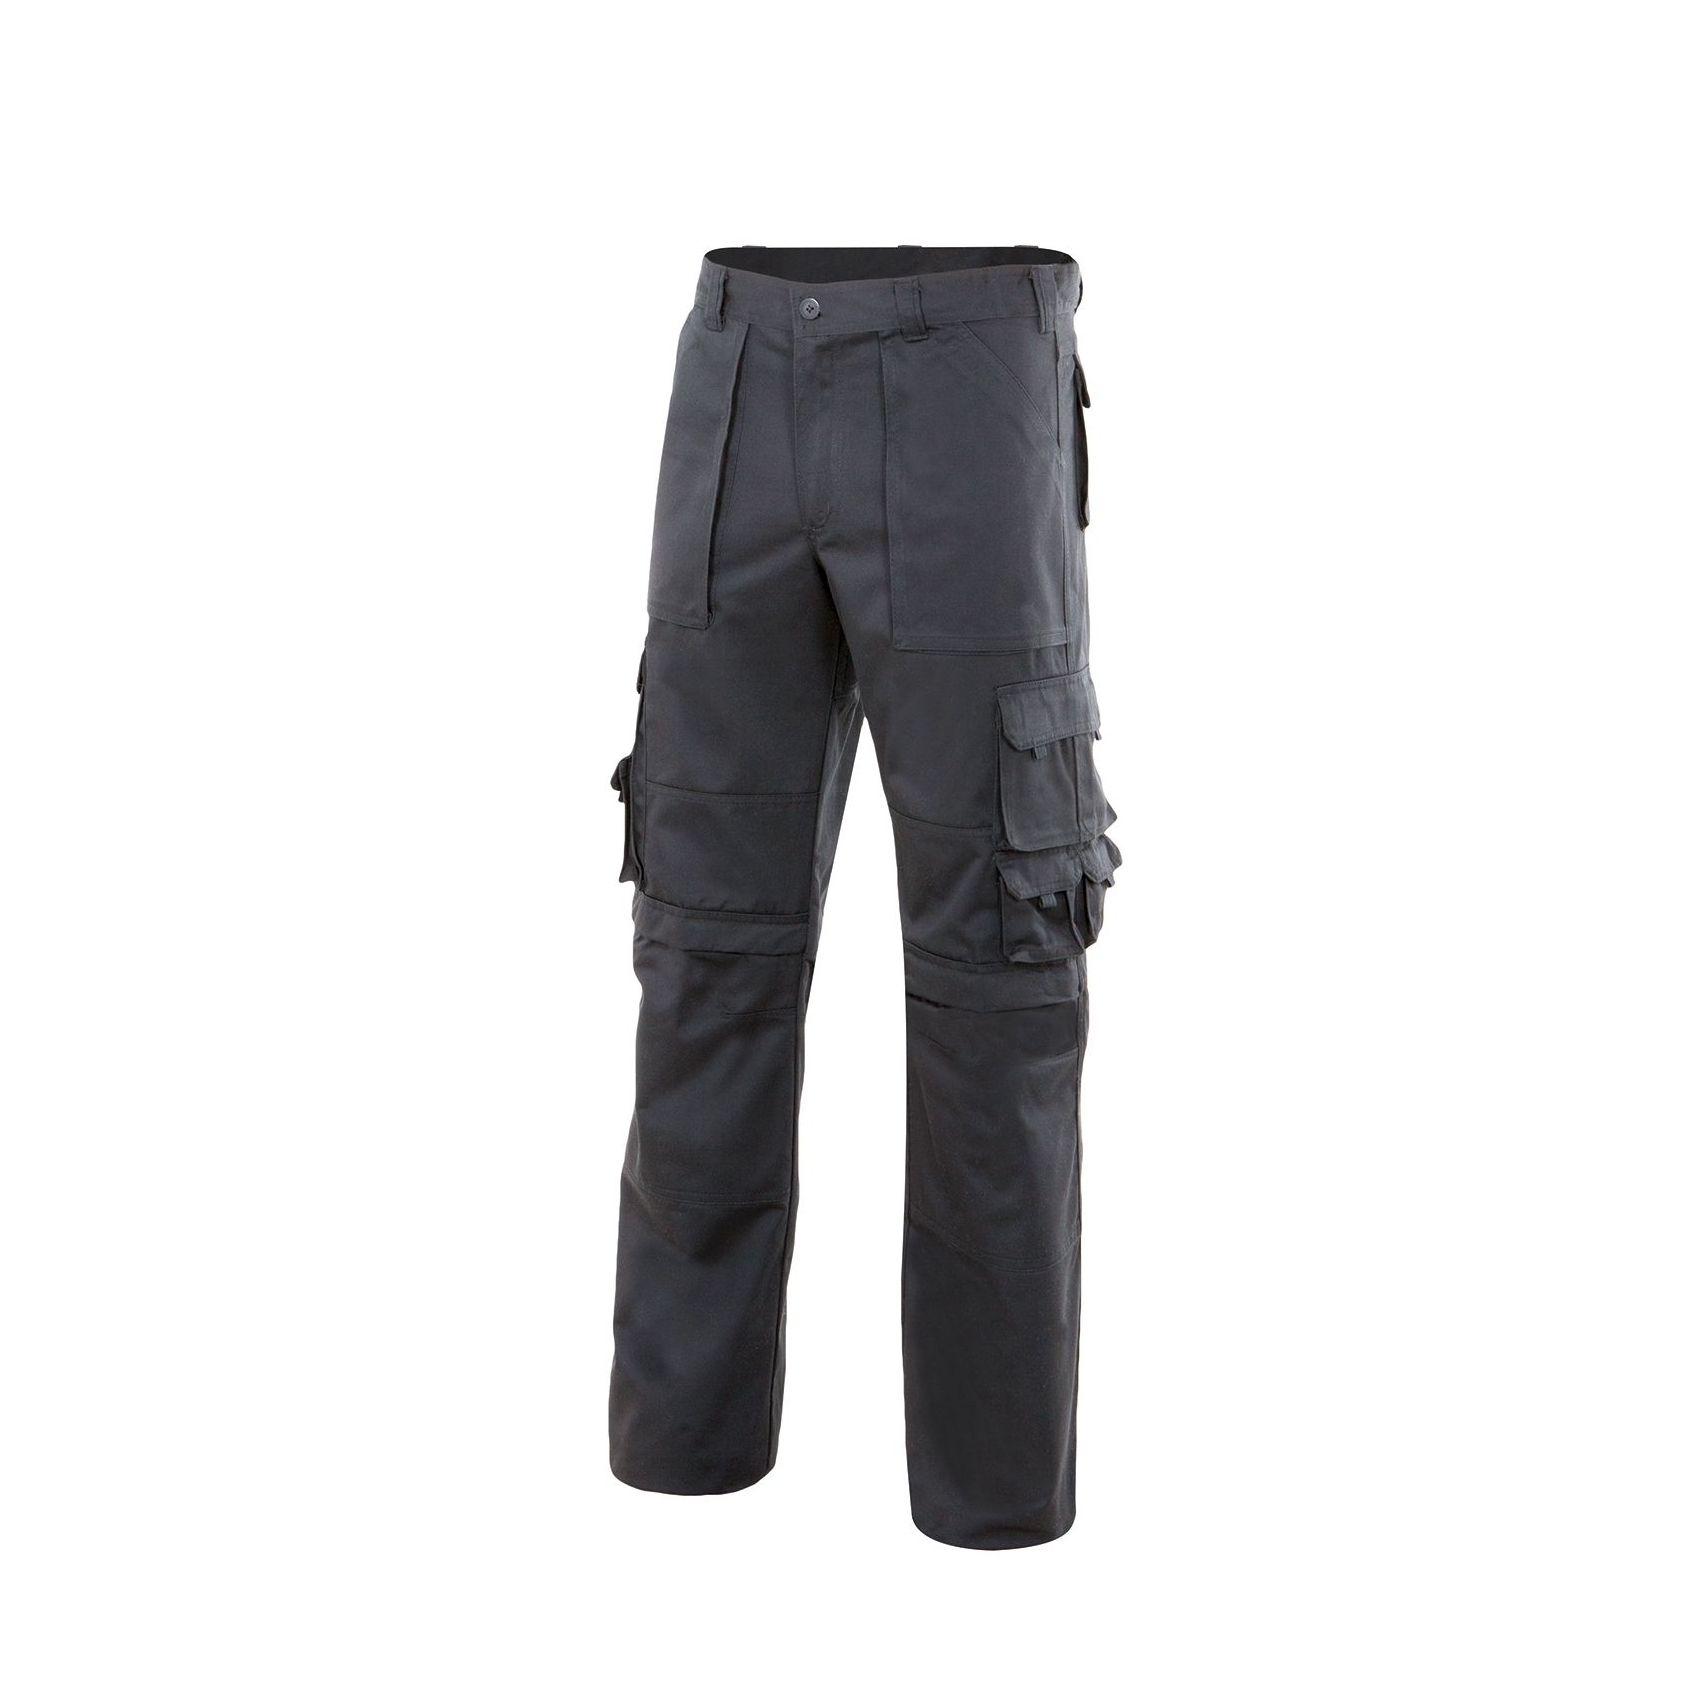 Pantalón multibolsillos MERCURIO (varias tallas disponibles)